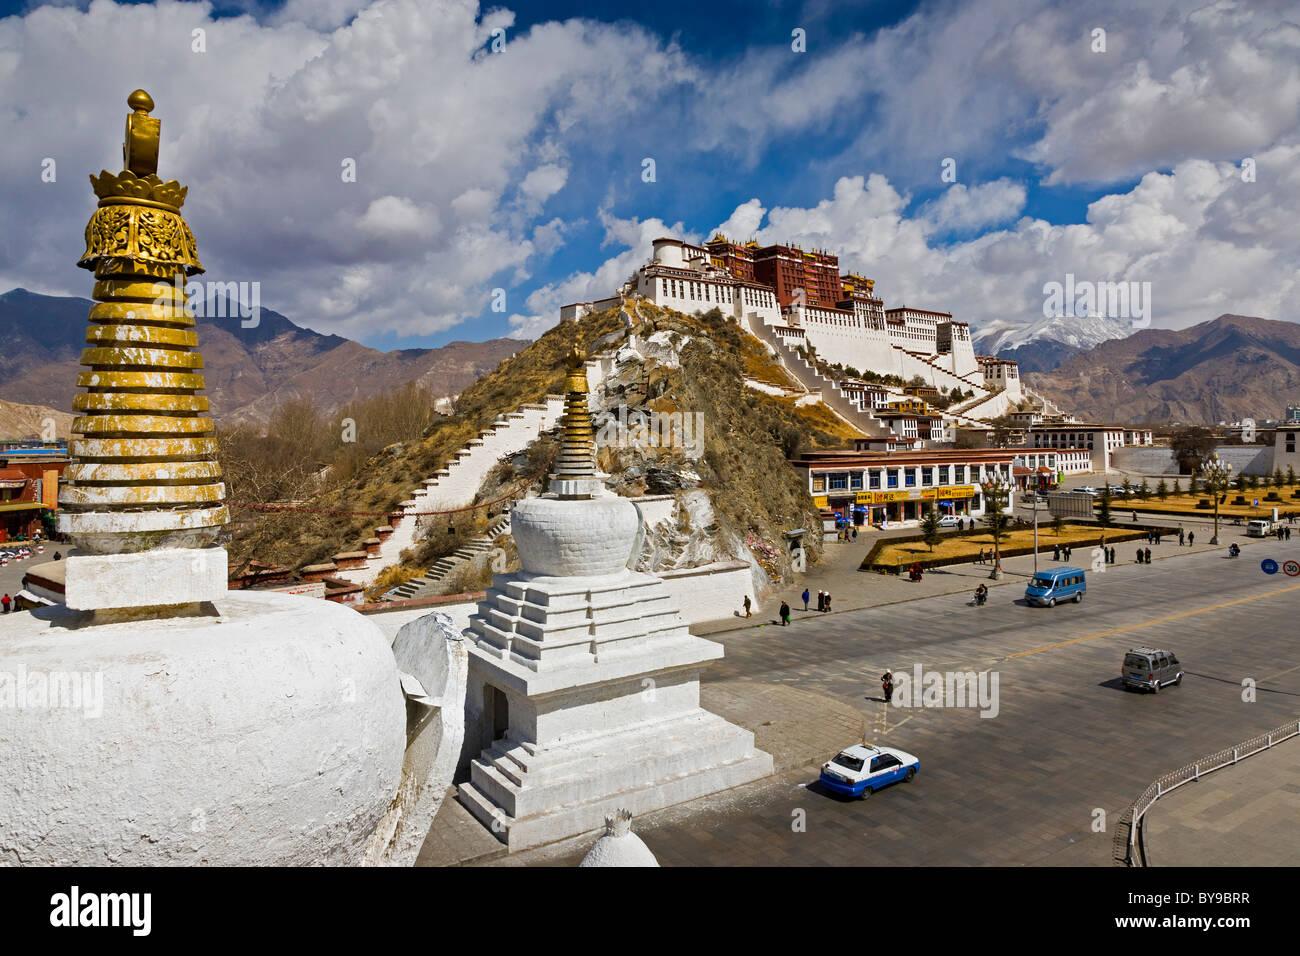 The Potala Palace Lhasa Tibet. JMH4587 - Stock Image